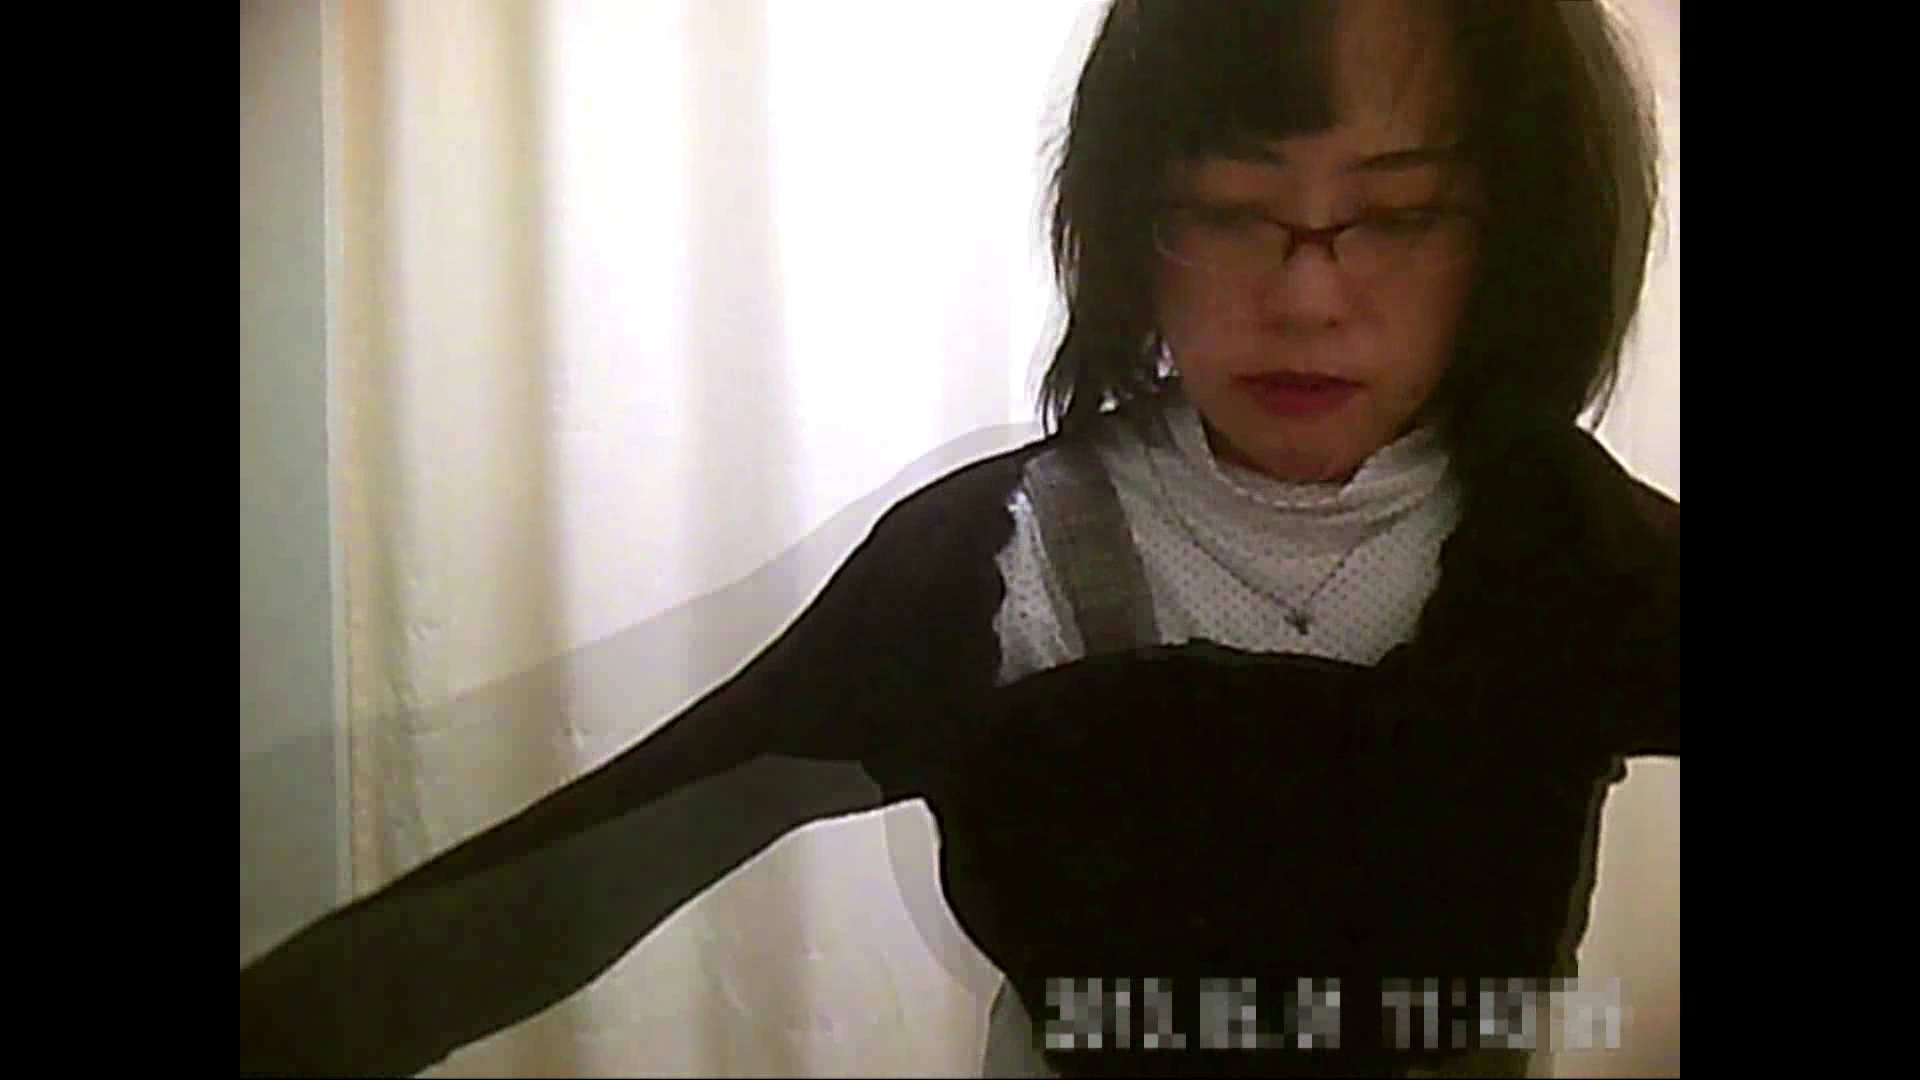 元医者による反抗 更衣室地獄絵巻 vol.090 OL | 0  30連発 9